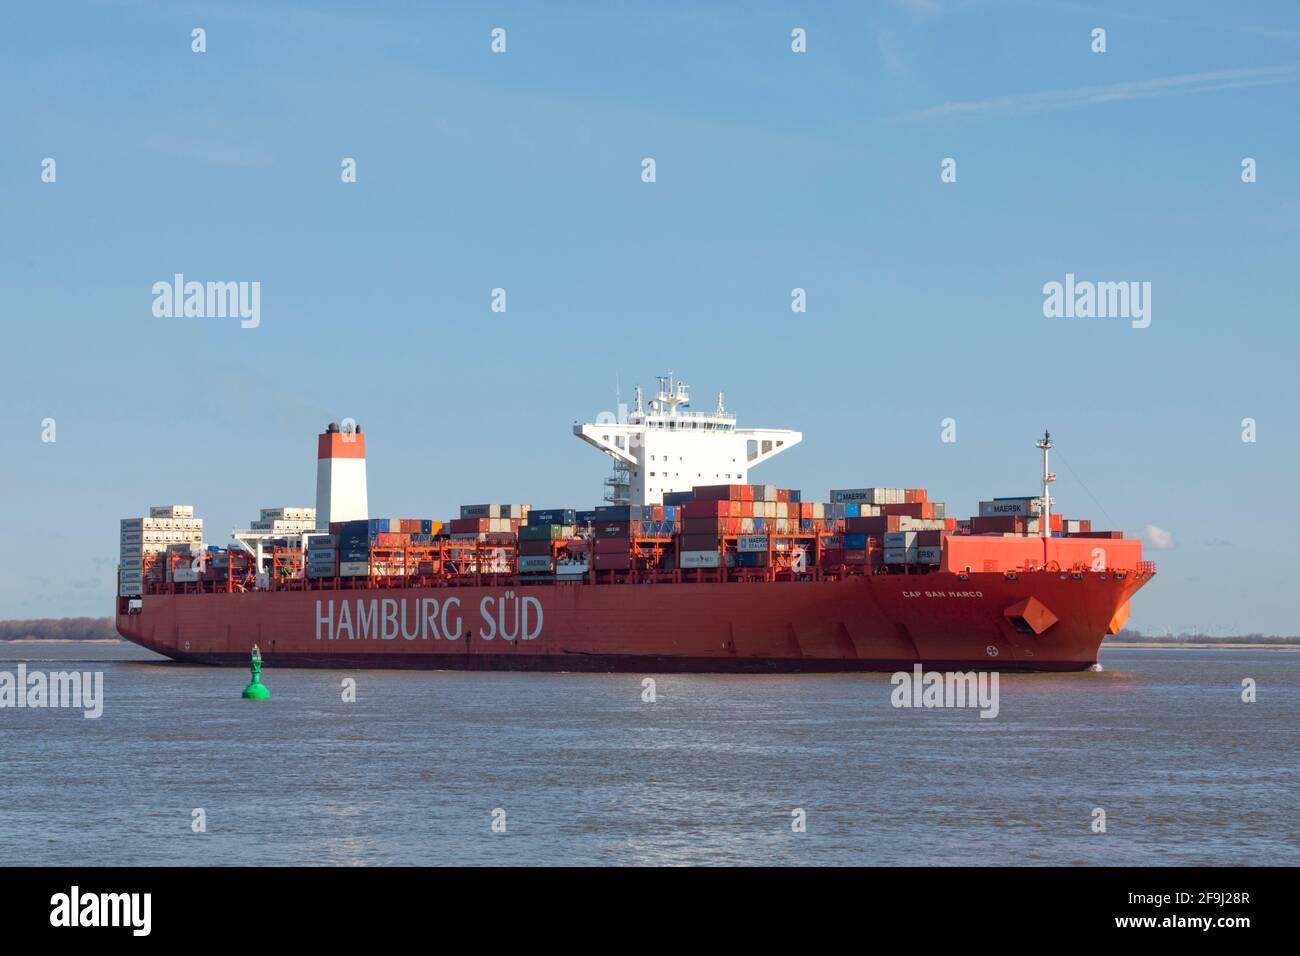 Das Reefer-Containerschiff CAP SAN MARCO, betrieben von der Reederei HAMBURG SÜD, passiert den Hafen Stadersand an der Elbe und führt nach Hamburg Stockfoto